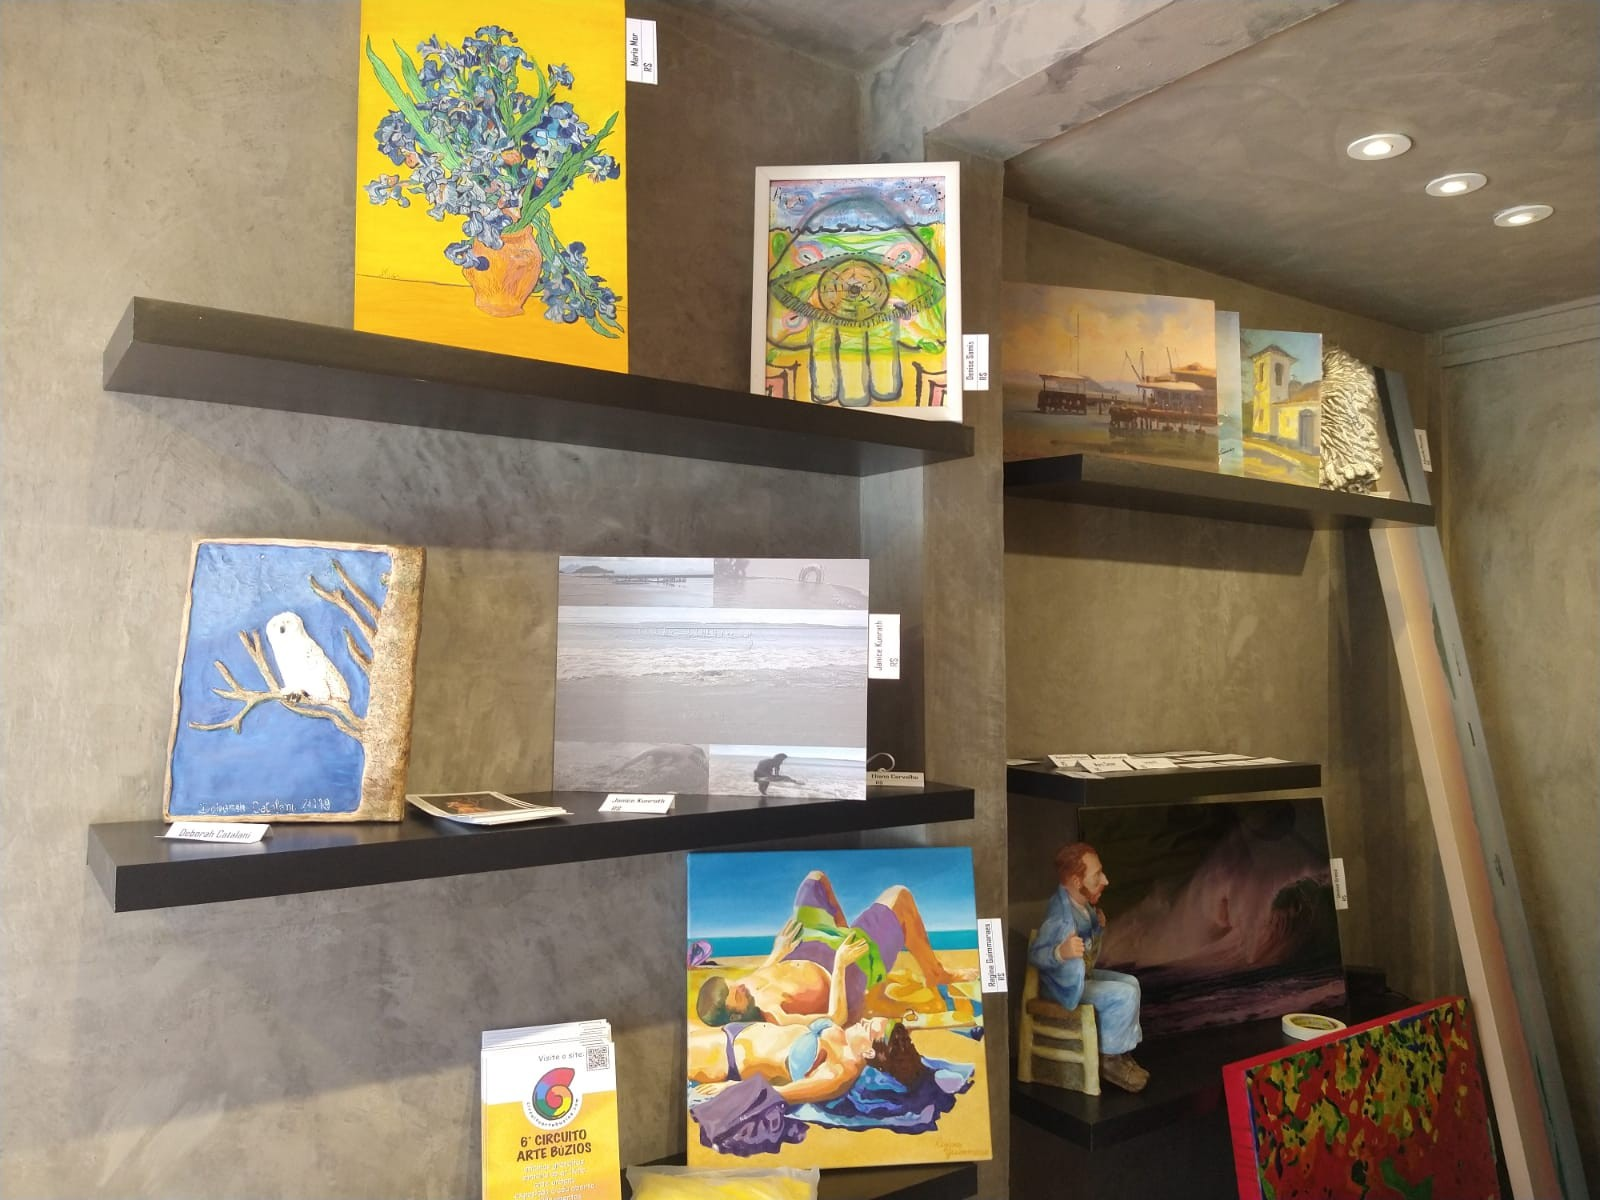 Fim de semana tem evento cultural 'Circuito Arte Búzios' com exposições e oficinas gratuitas